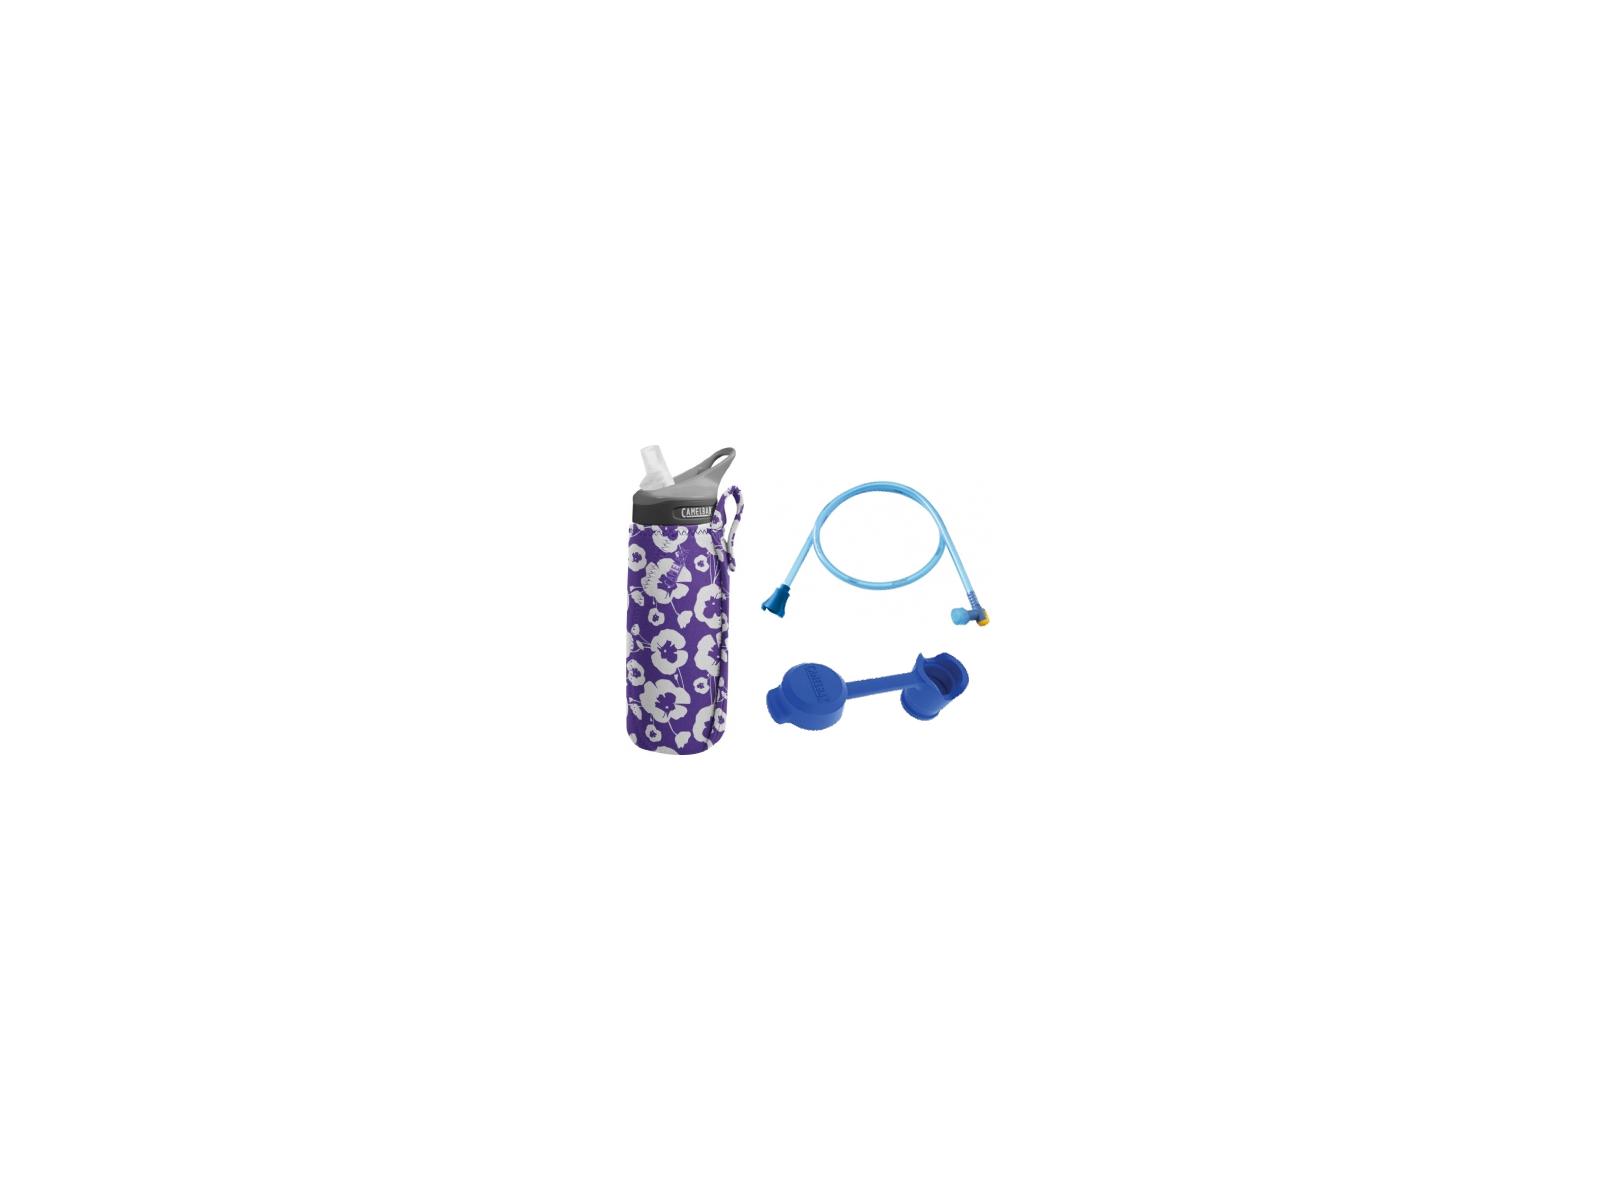 Tillbehör och reservdelar till vattenflaskor